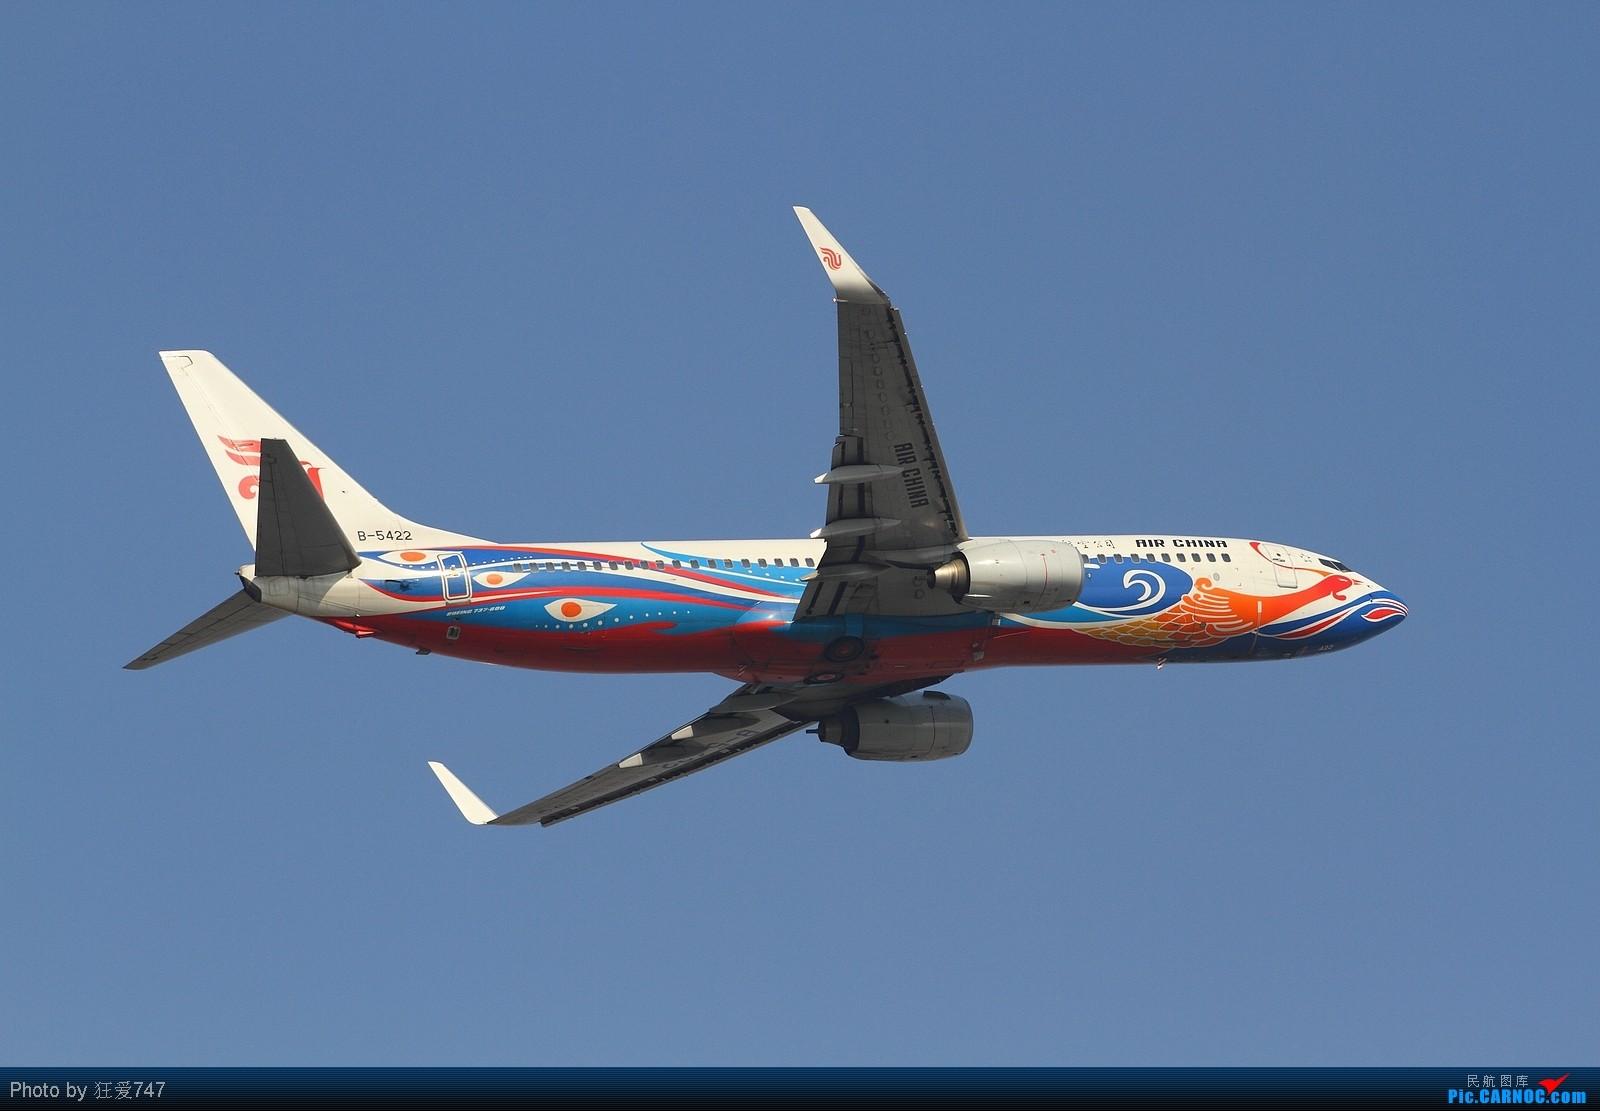 [原创]东跑起飞图一组,赠送ABC大头照一张 BOEING 737-800 B-5422 中国北京首都机场